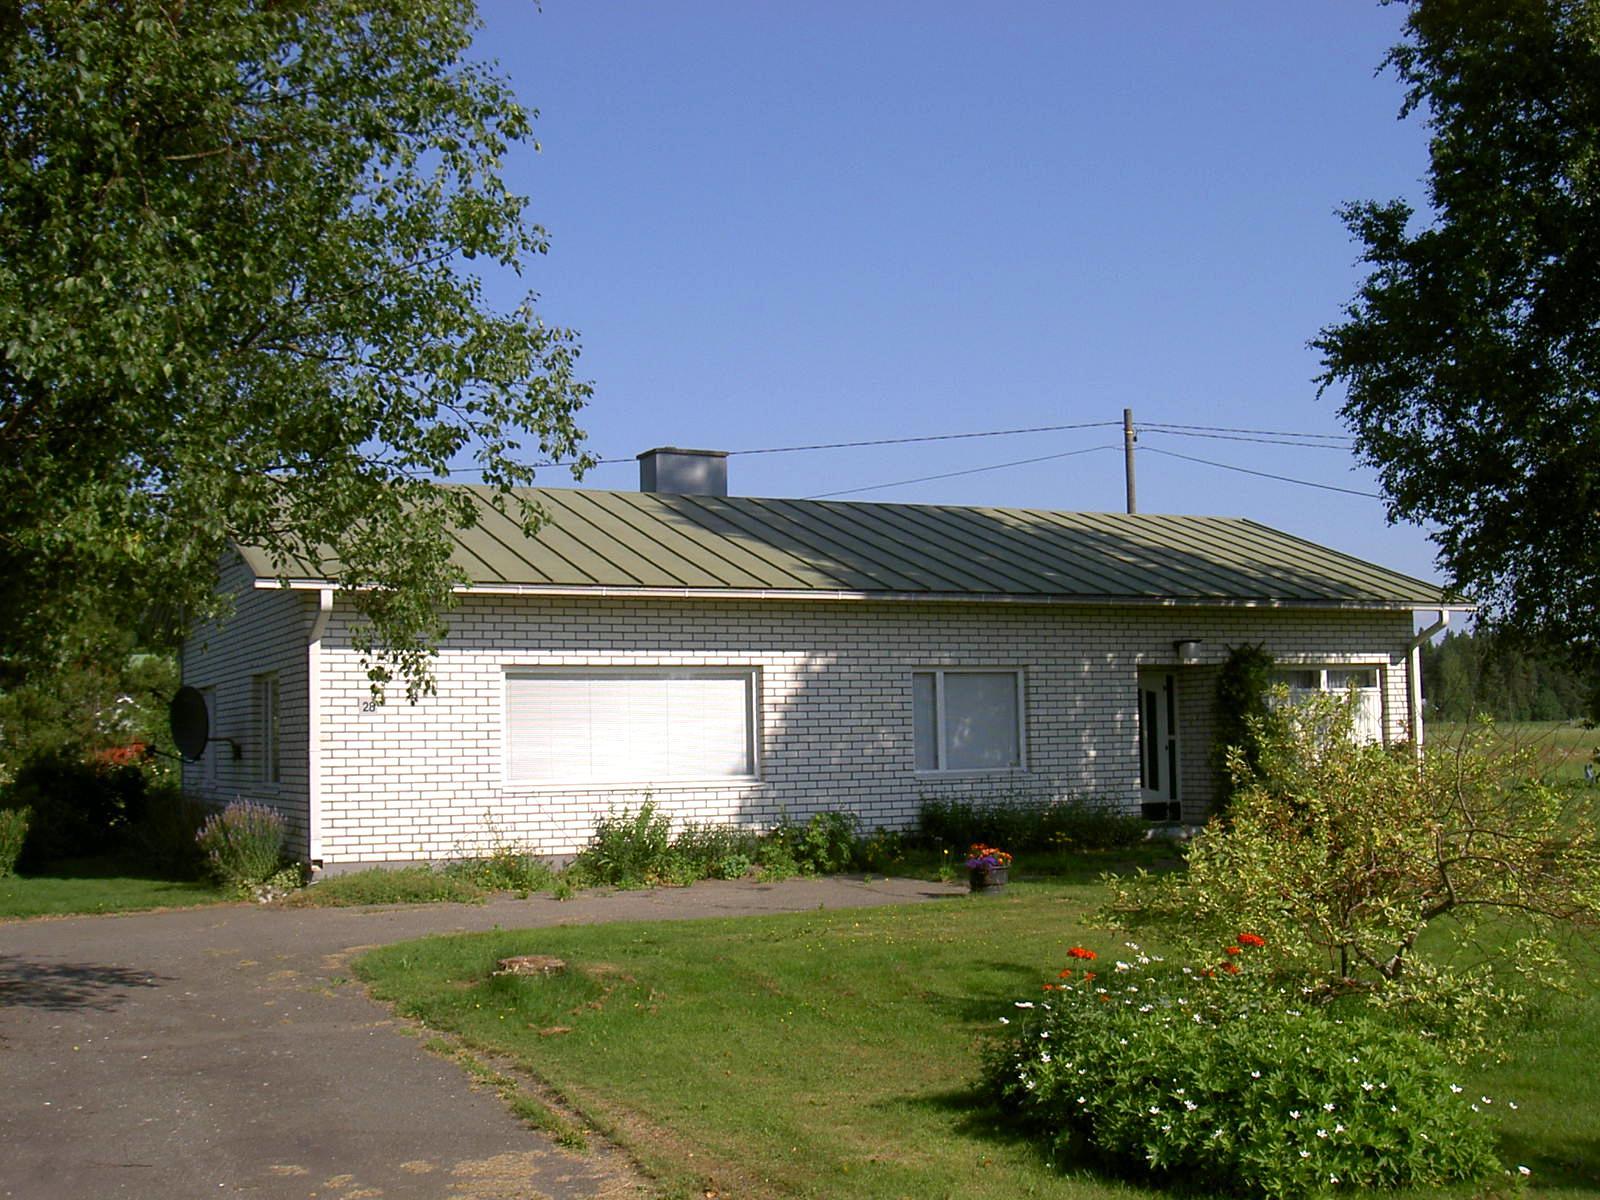 Den här gården på Åbackvägen 28 byggdes år 1963 och här bodde Ragnar och Verna så länge de levde. Gården har senare övertagit av Ragnars brorson. Fotot från 2008.